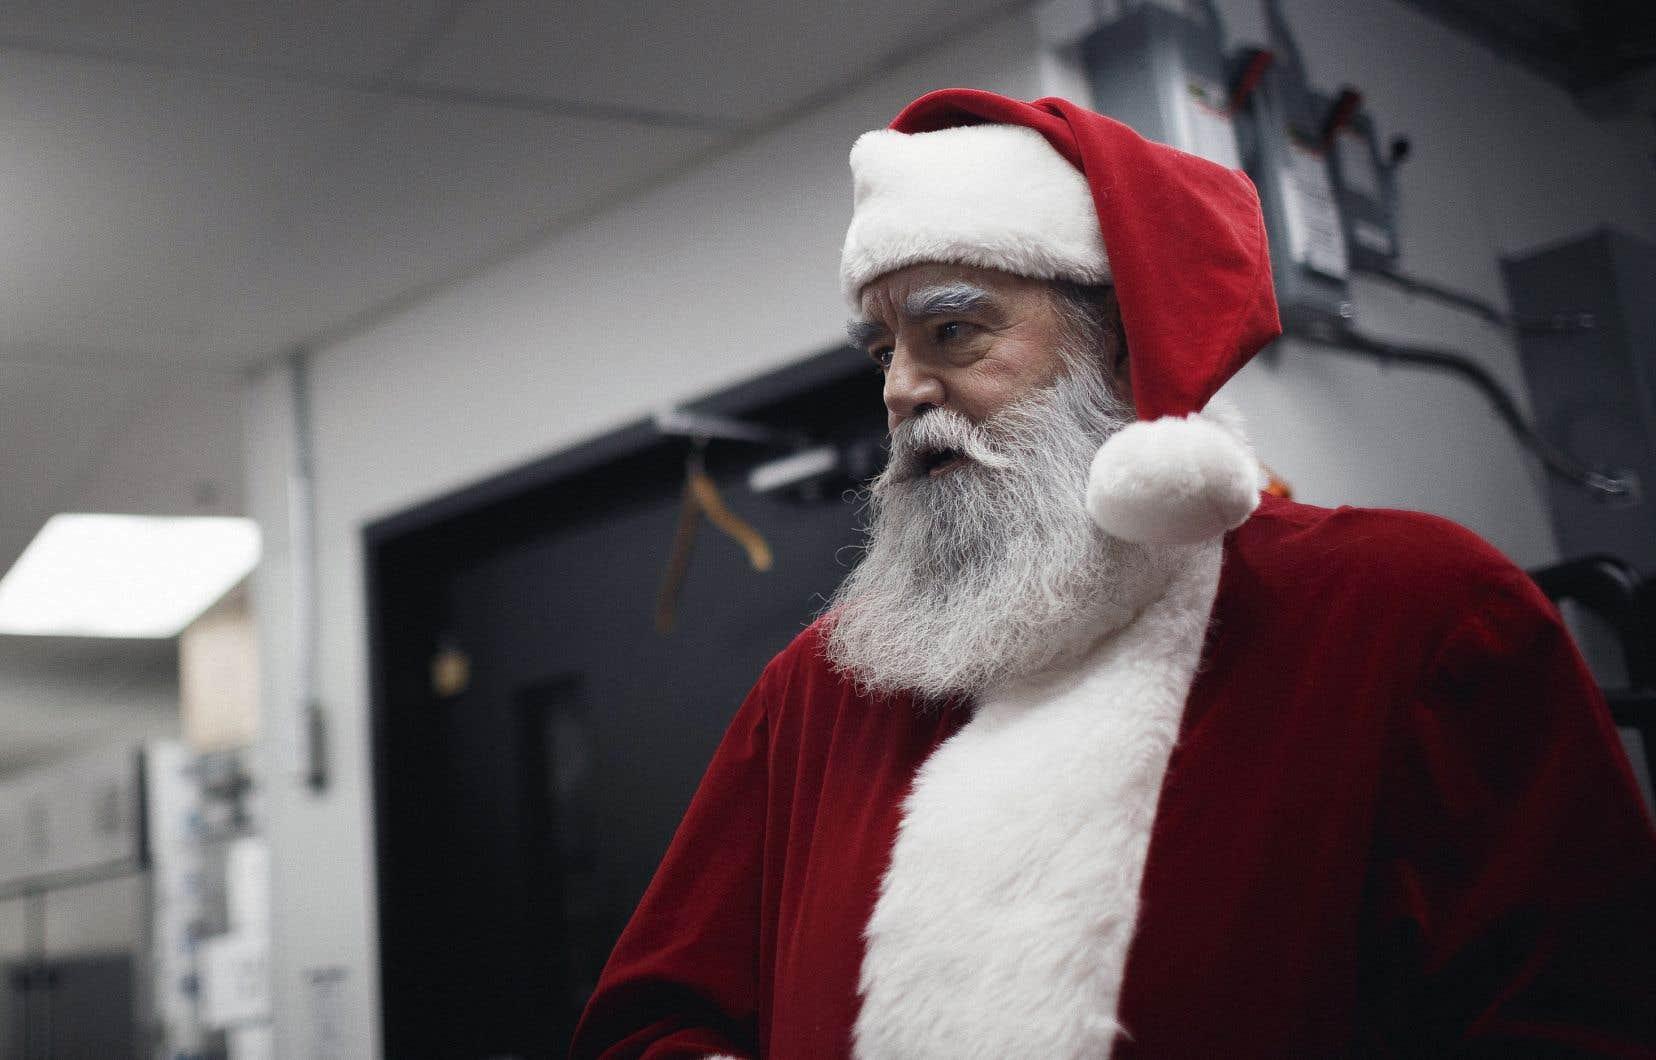 Depuis une dizaine d'années, à l'approche des Fêtes, Pierre Dastous laisse pousser sa barbe, revêt son costume de père Noël et se prépare mentalement à recevoir son lot d'histoires parfois difficiles.